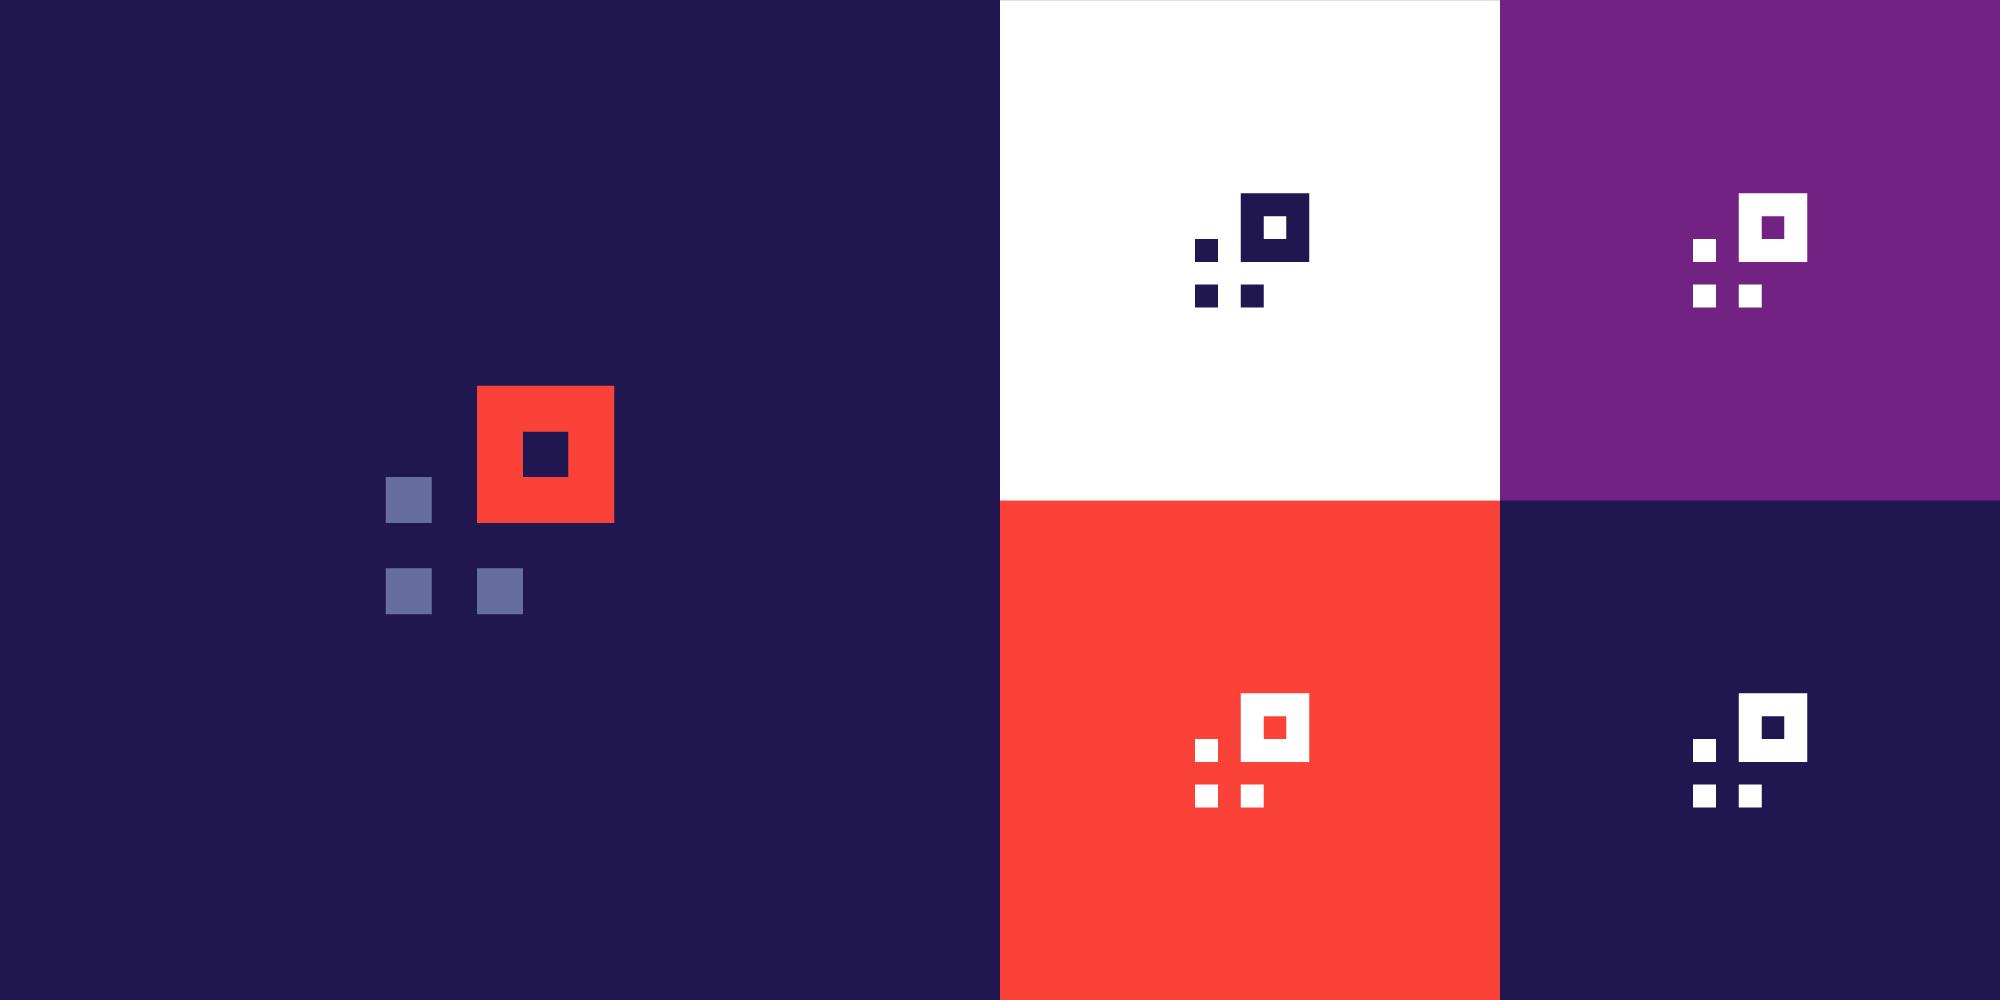 logo_symbols-01.png